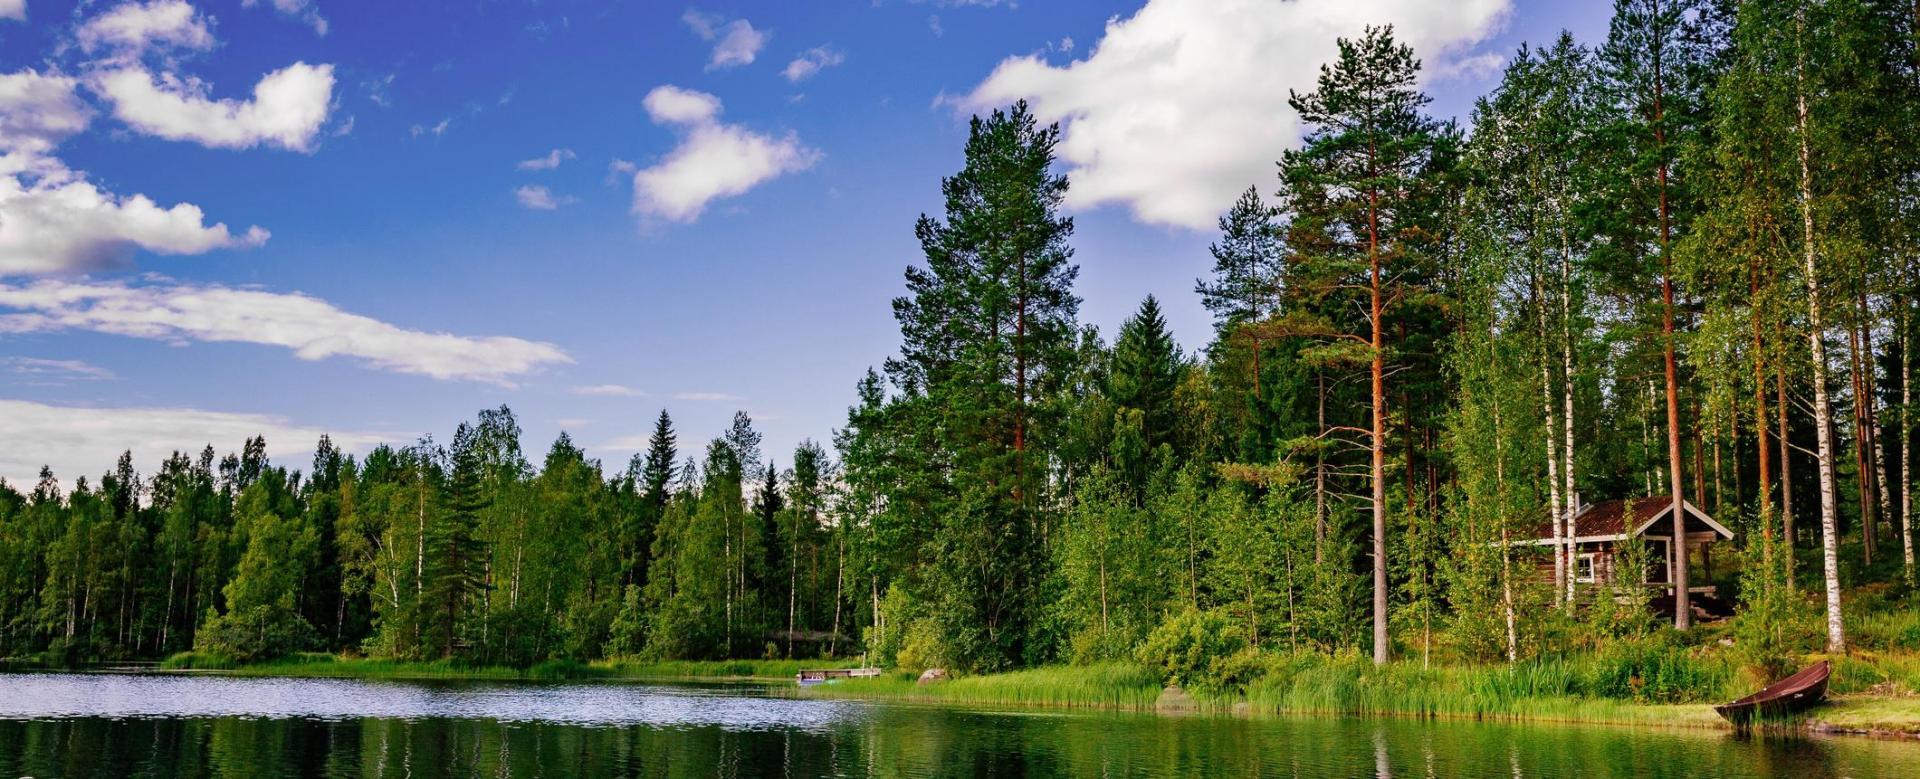 Voyage à pied : Laponie active en cabane de trappeur